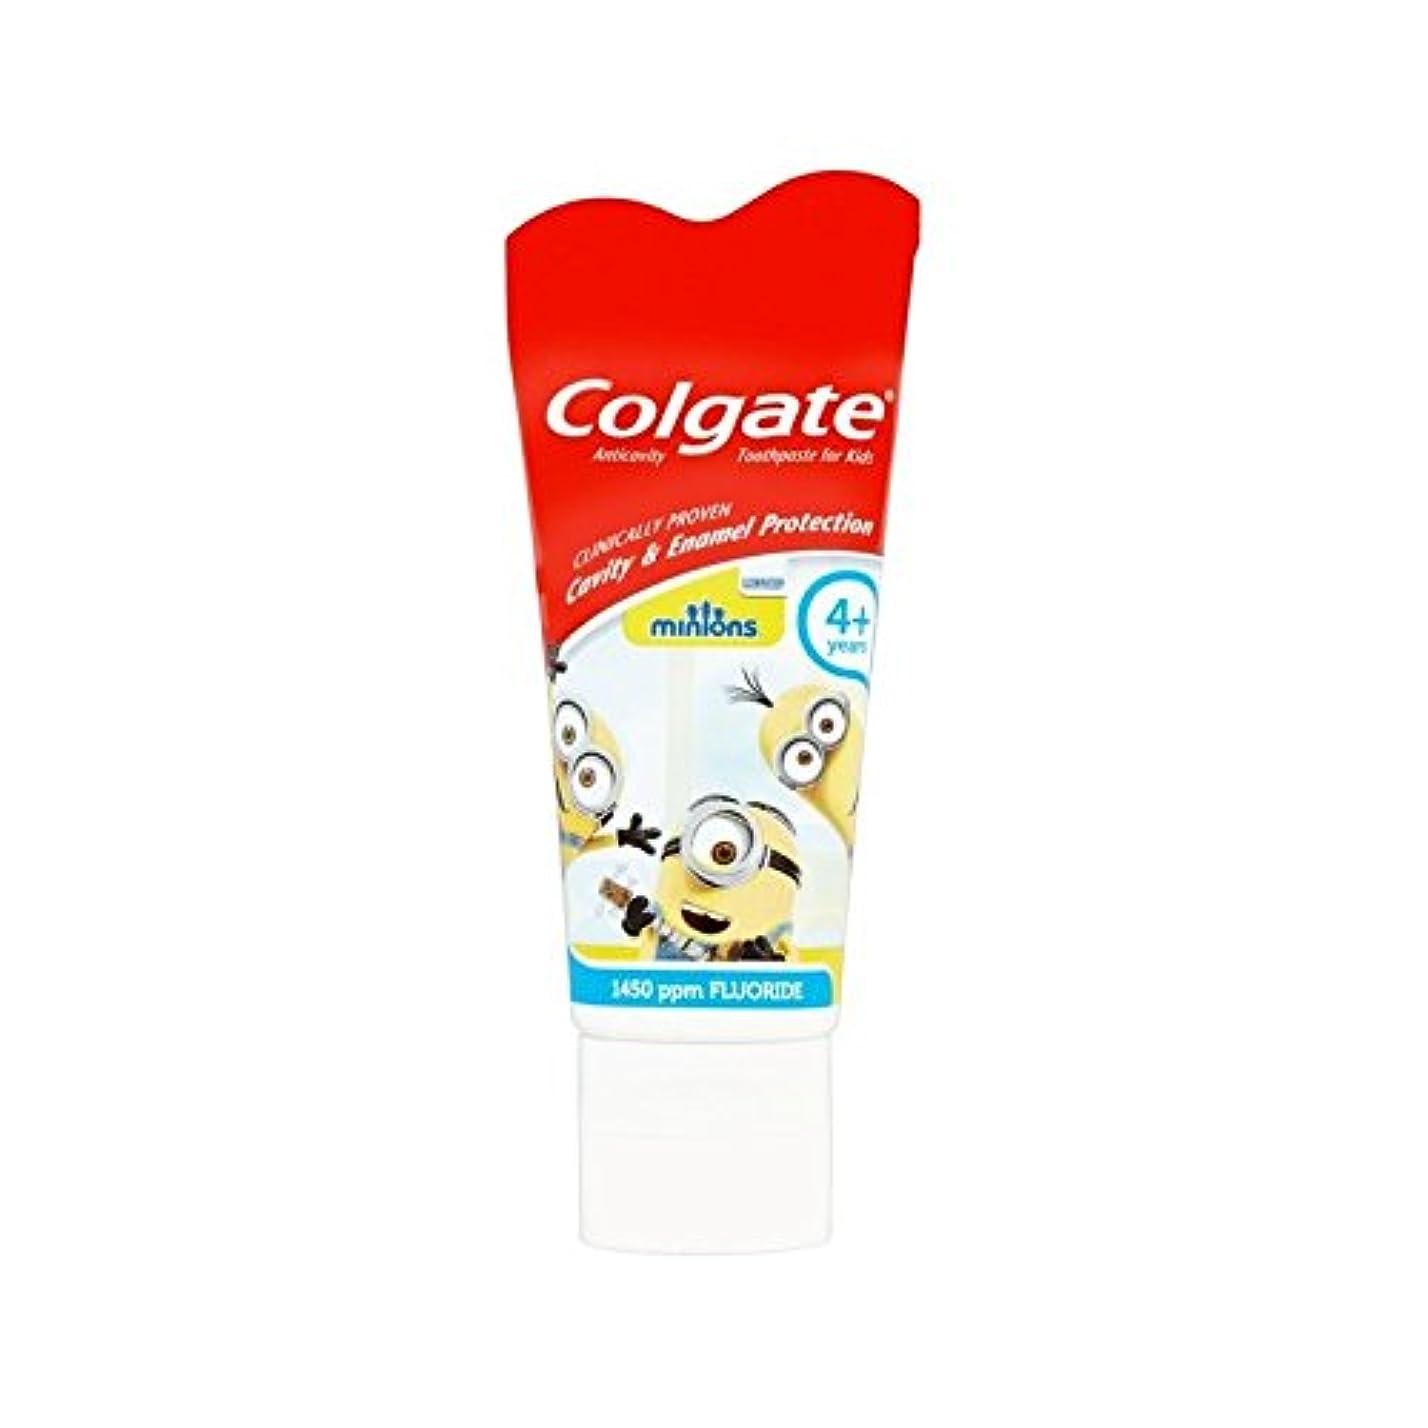 キャラクター軽蔑する機構手下の子供4+歯磨き粉50ミリリットル (Colgate) - Colgate Minions Kids 4+ Toothpaste 50ml [並行輸入品]